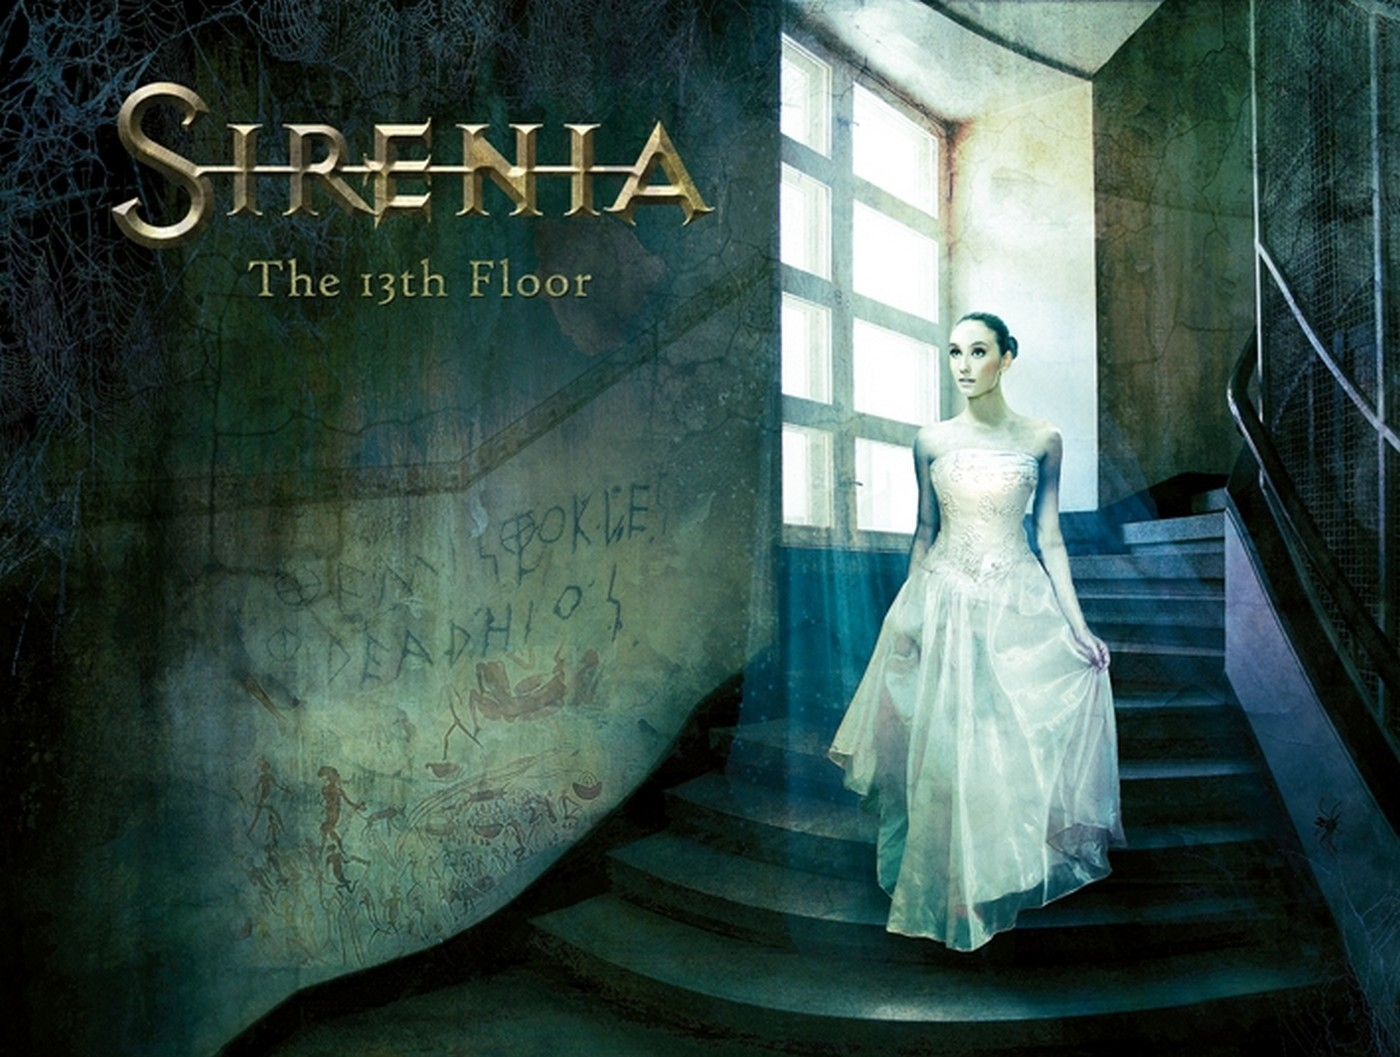 http://2.bp.blogspot.com/-gXLrjU8xnQY/TkflxzrvCaI/AAAAAAAACew/qA_KLLu8sFY/s1600/Sirenia-wallpaper-sirenia-9140375-1400-1057.jpg